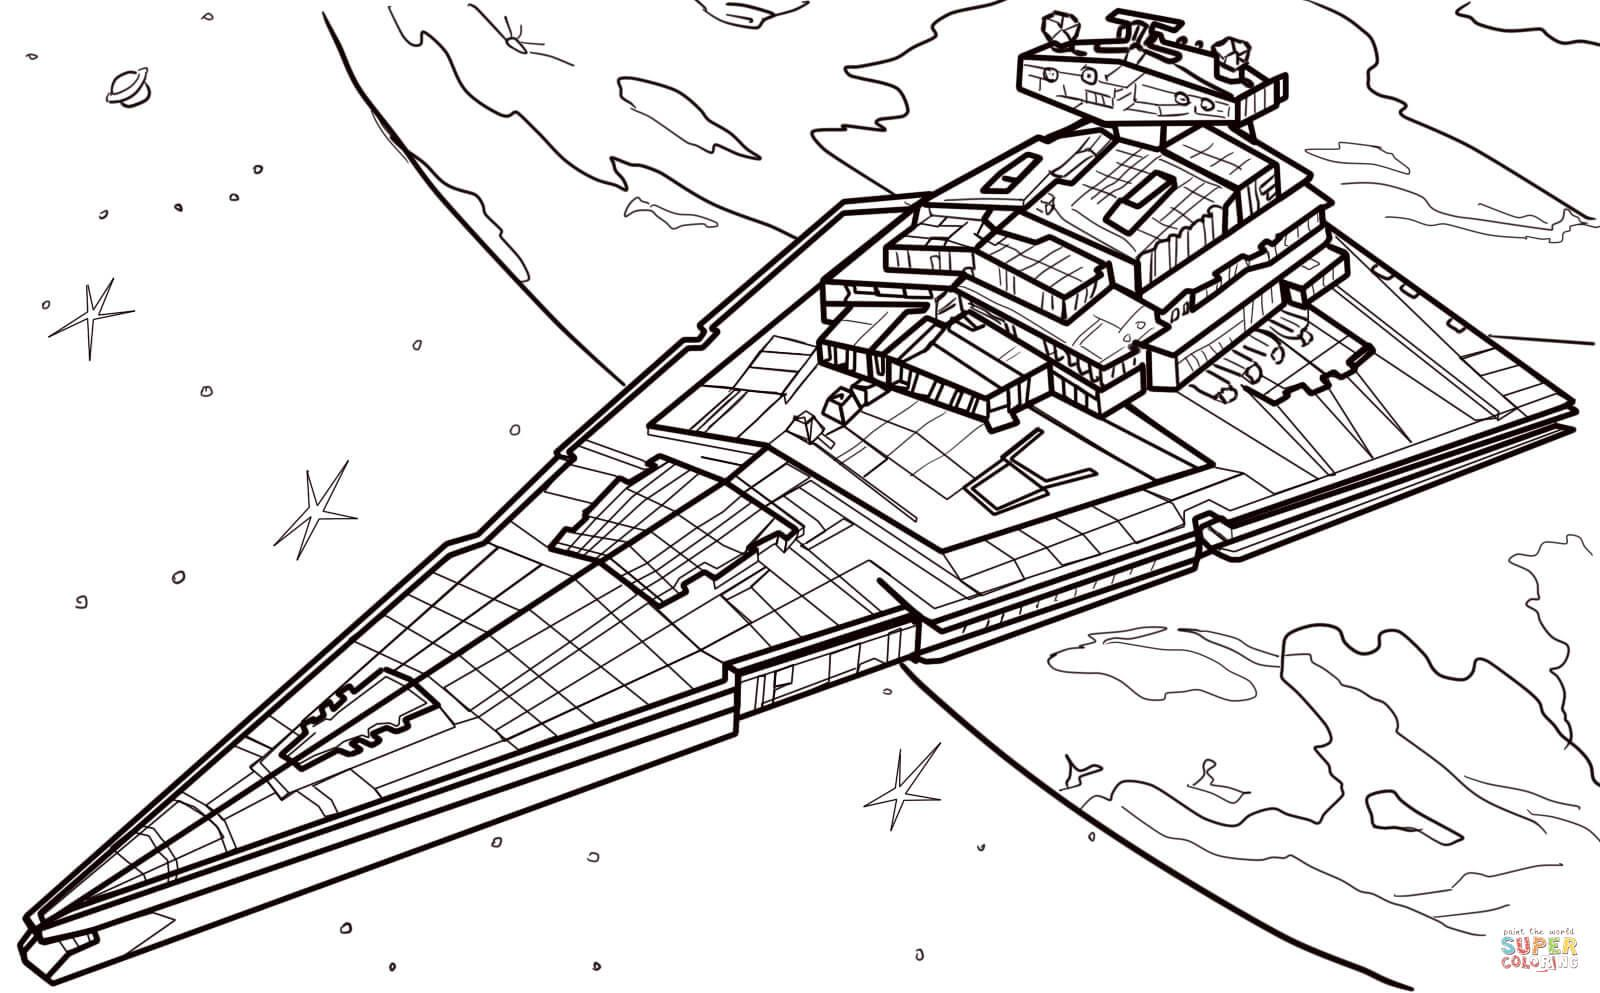 Star Destroyer Coloring Page Free Printable Coloring Pages Destructor Estelar Páginas Para Colorear Naves De Star Wars